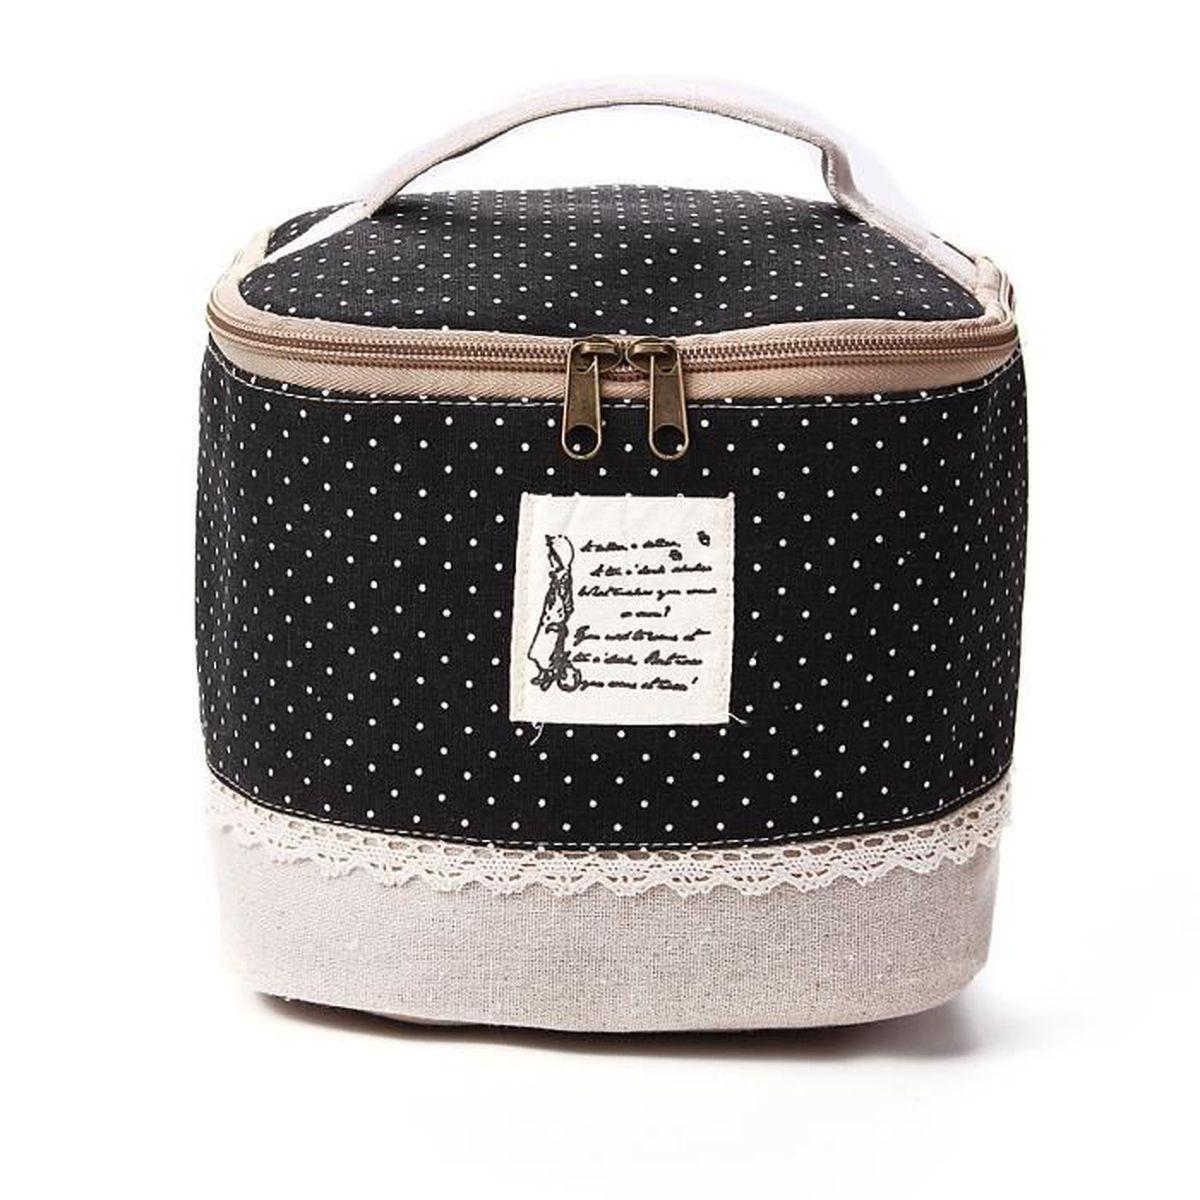 sac coton trousse toilette maquillage cosm tique pochette. Black Bedroom Furniture Sets. Home Design Ideas